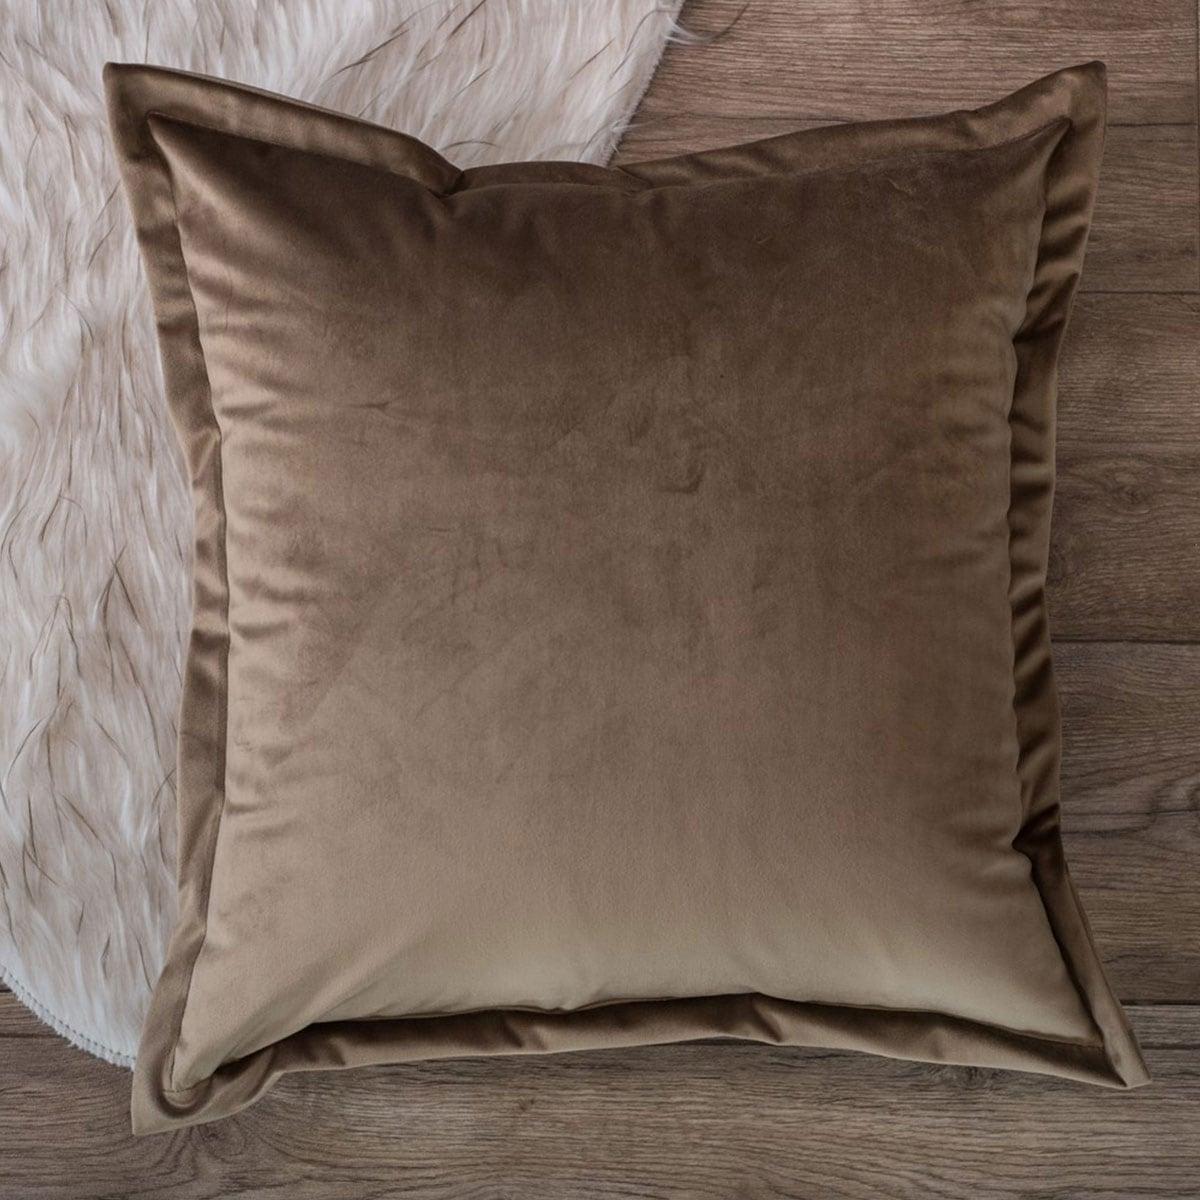 Μαξιλάρι Διακοσμητικό (Με Γέμιση) Velvet 02 Beige Teoran 45X45 100% Ακρυλικό